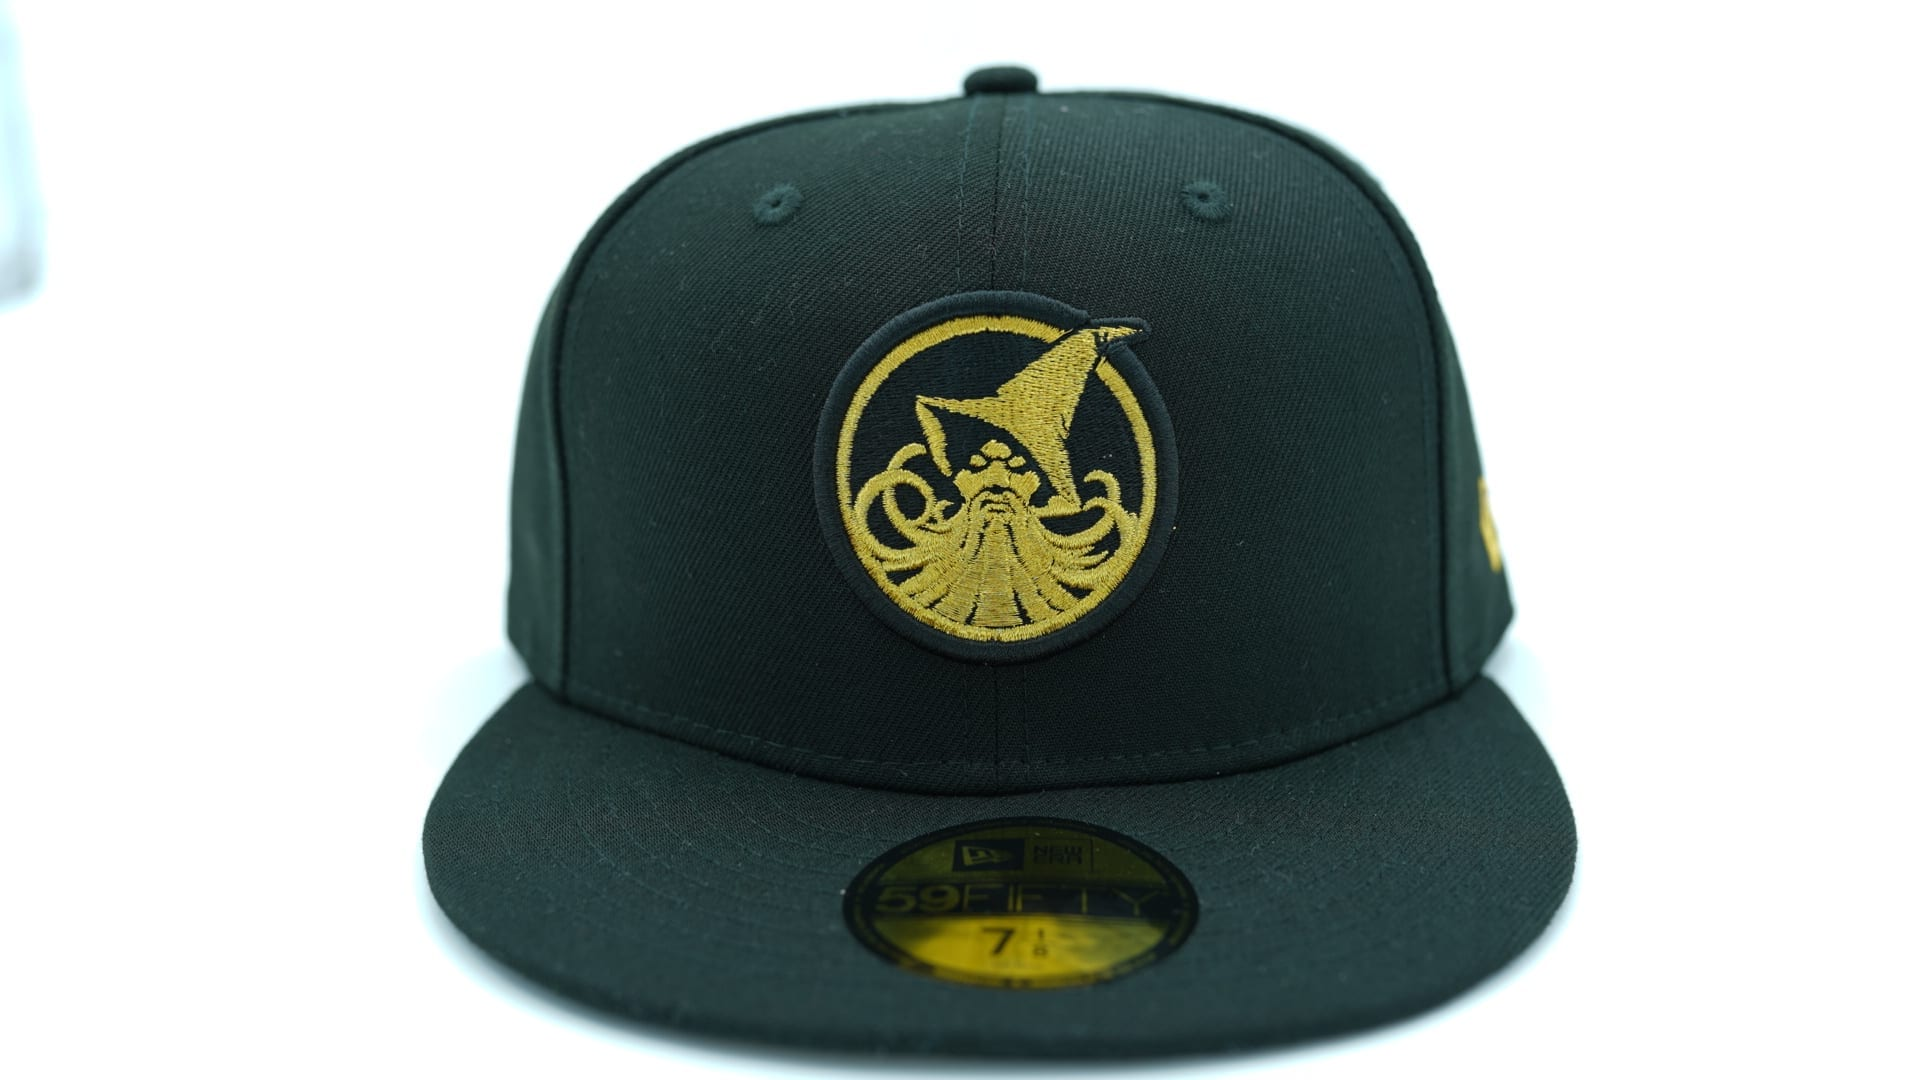 Star Wars Boba Fett Mandalorian 59Fifty Fitted Hat by NEW ERA x STAR WARS b95db17d150